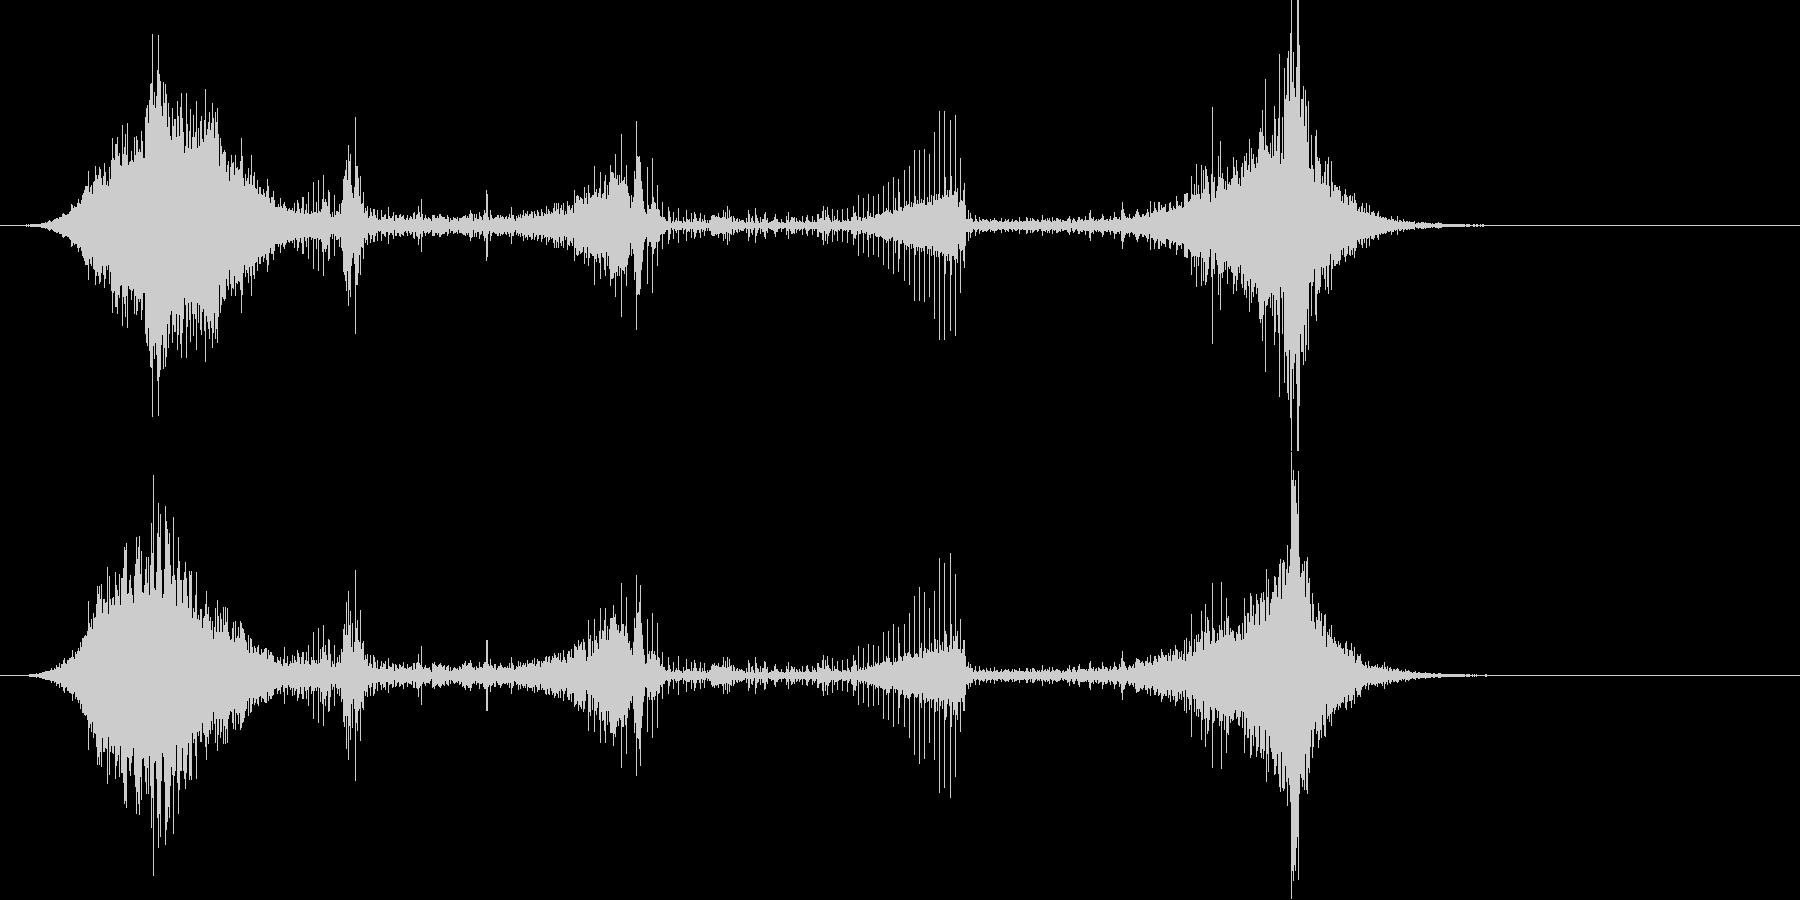 トランジション プロモーションパッド33の未再生の波形